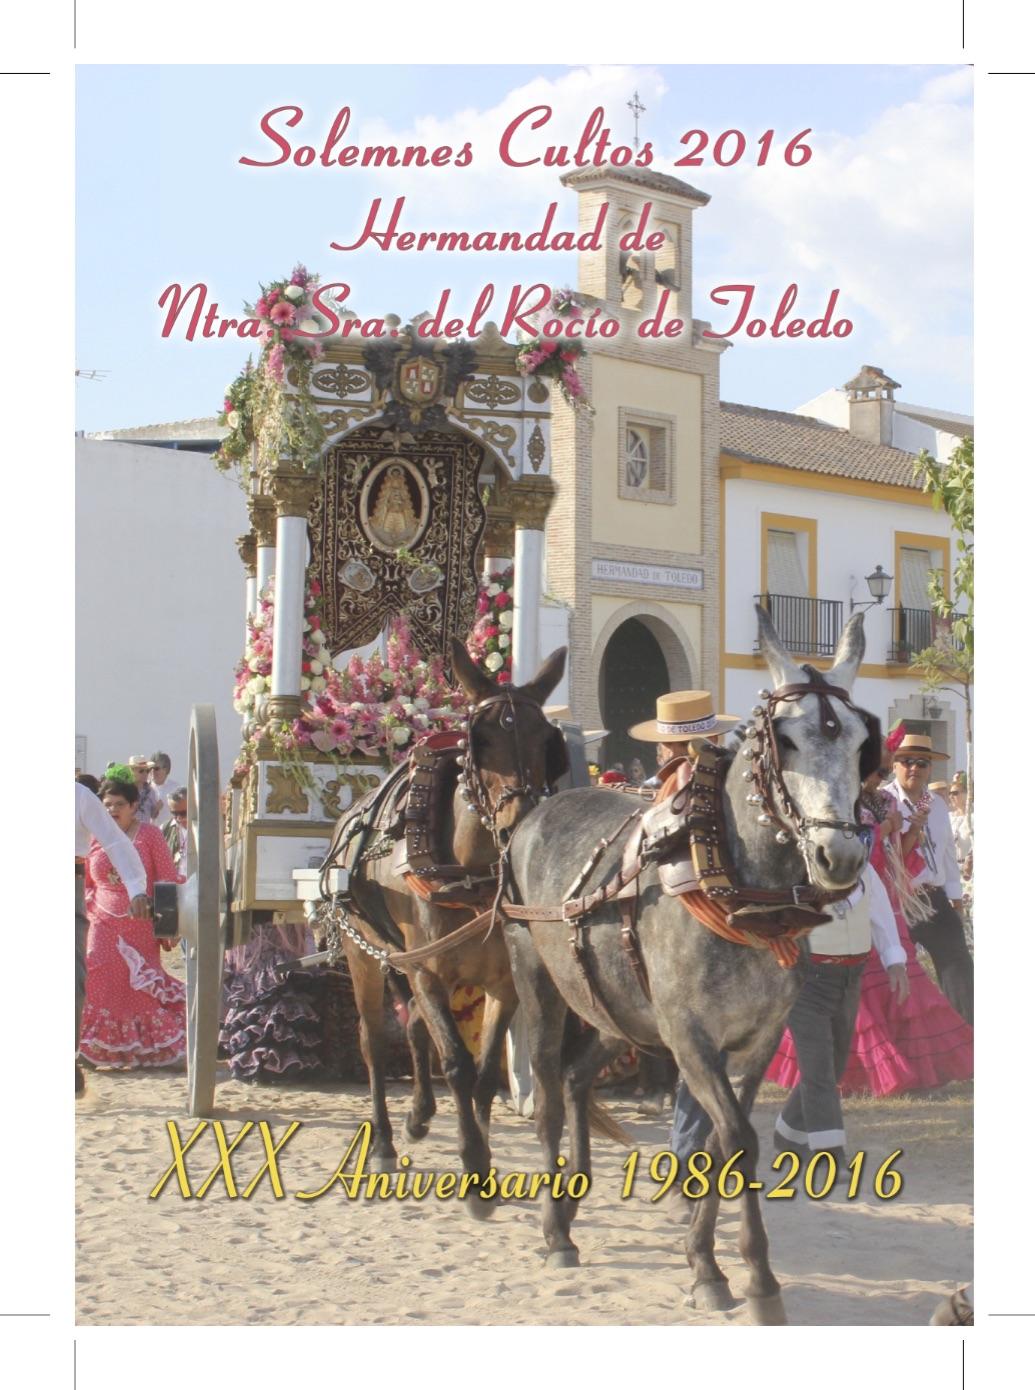 Cultos Hdad de Toledo 2016